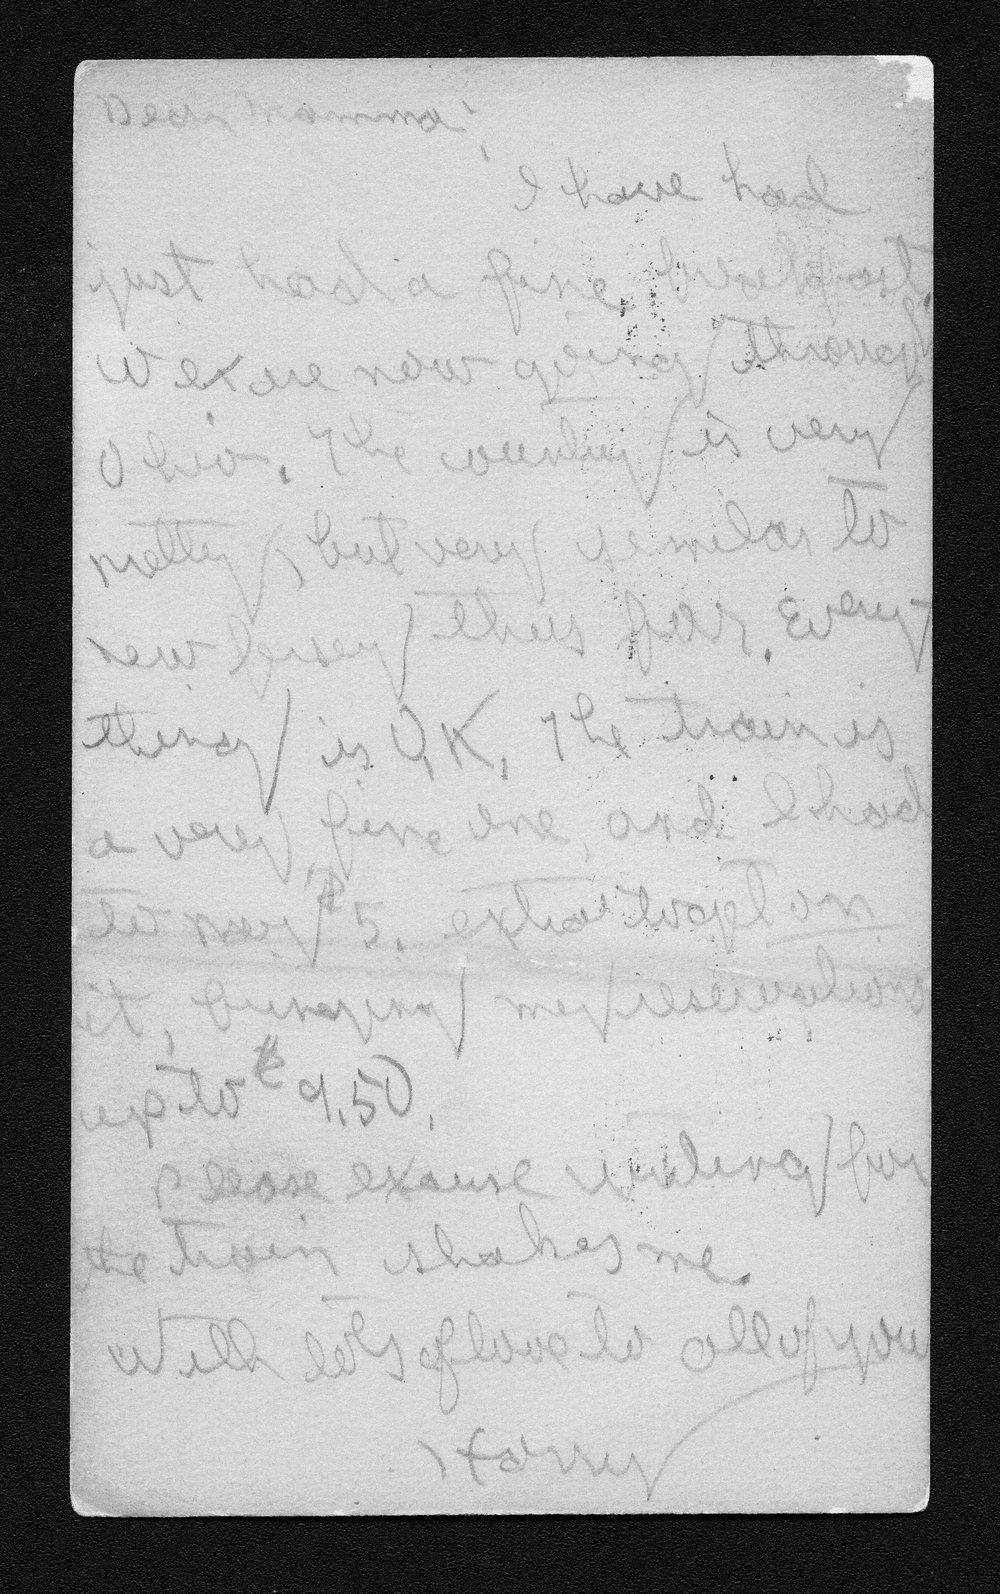 Harry Fine correspondence - 4